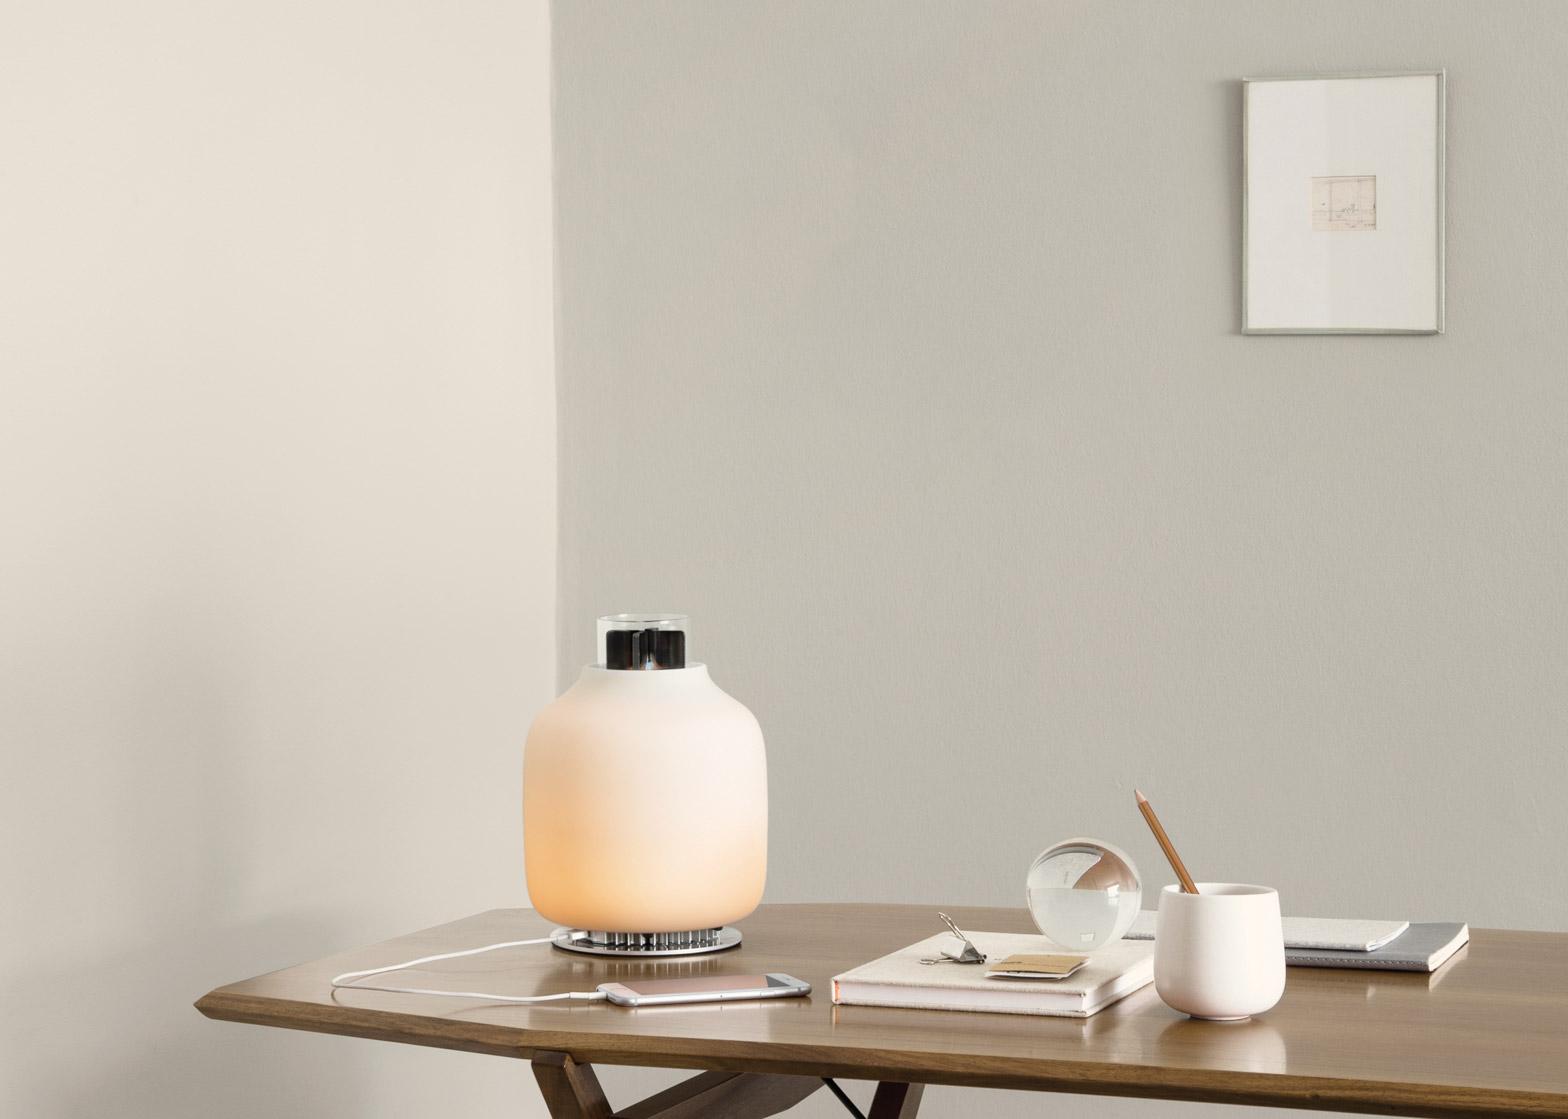 Lámpara Candela, combina combustible ecológico junto con LEDs y un cargador telefónico. ¿Cómo es su diseño y funcionamiento?  ¿ Cuáles son sus beneficios?